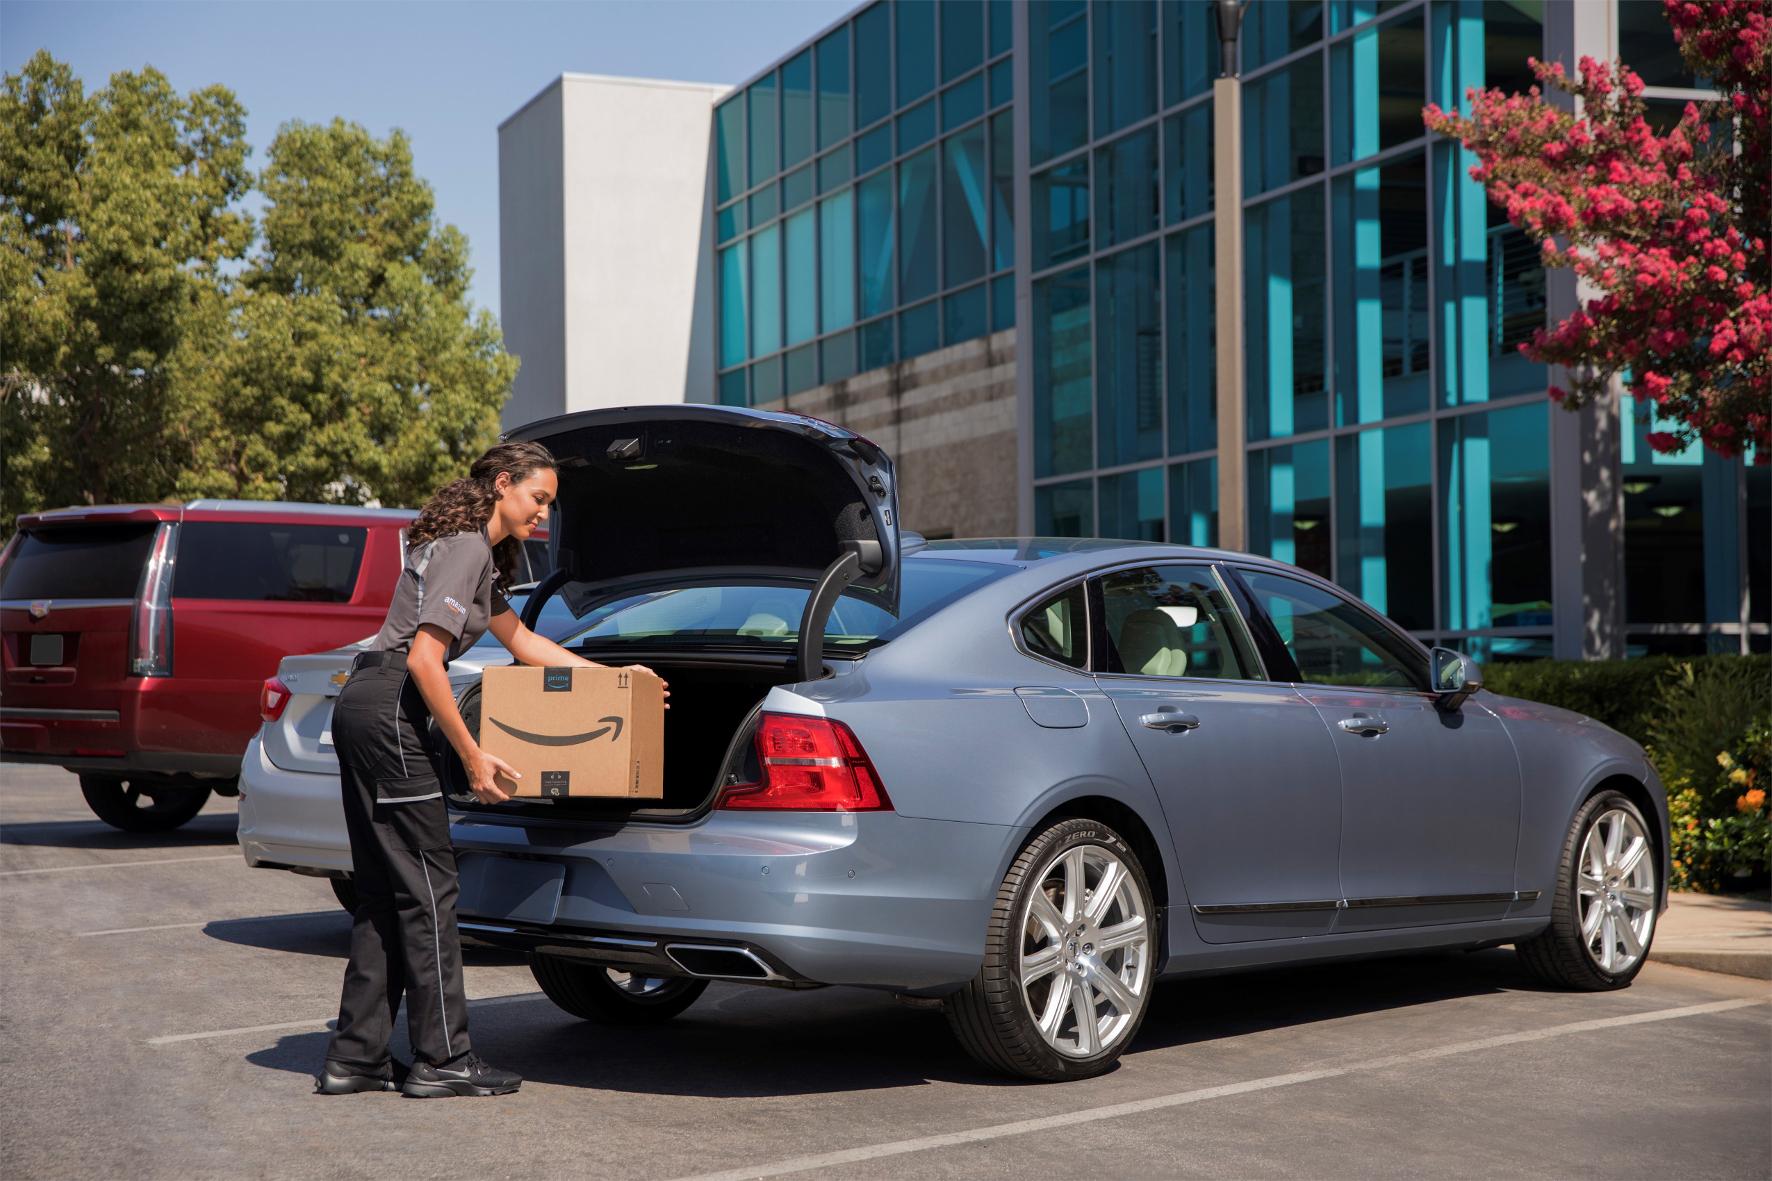 mid Groß-Gerau - Volvo-Kunden in den USA profitieren von einer neuen Kooperation mit Amazon: Kunden können sich Pakete direkt ins Auto liefern lassen. Die Freischaltung für den Zugang des Lieferanten erfolgt per App. Volvo